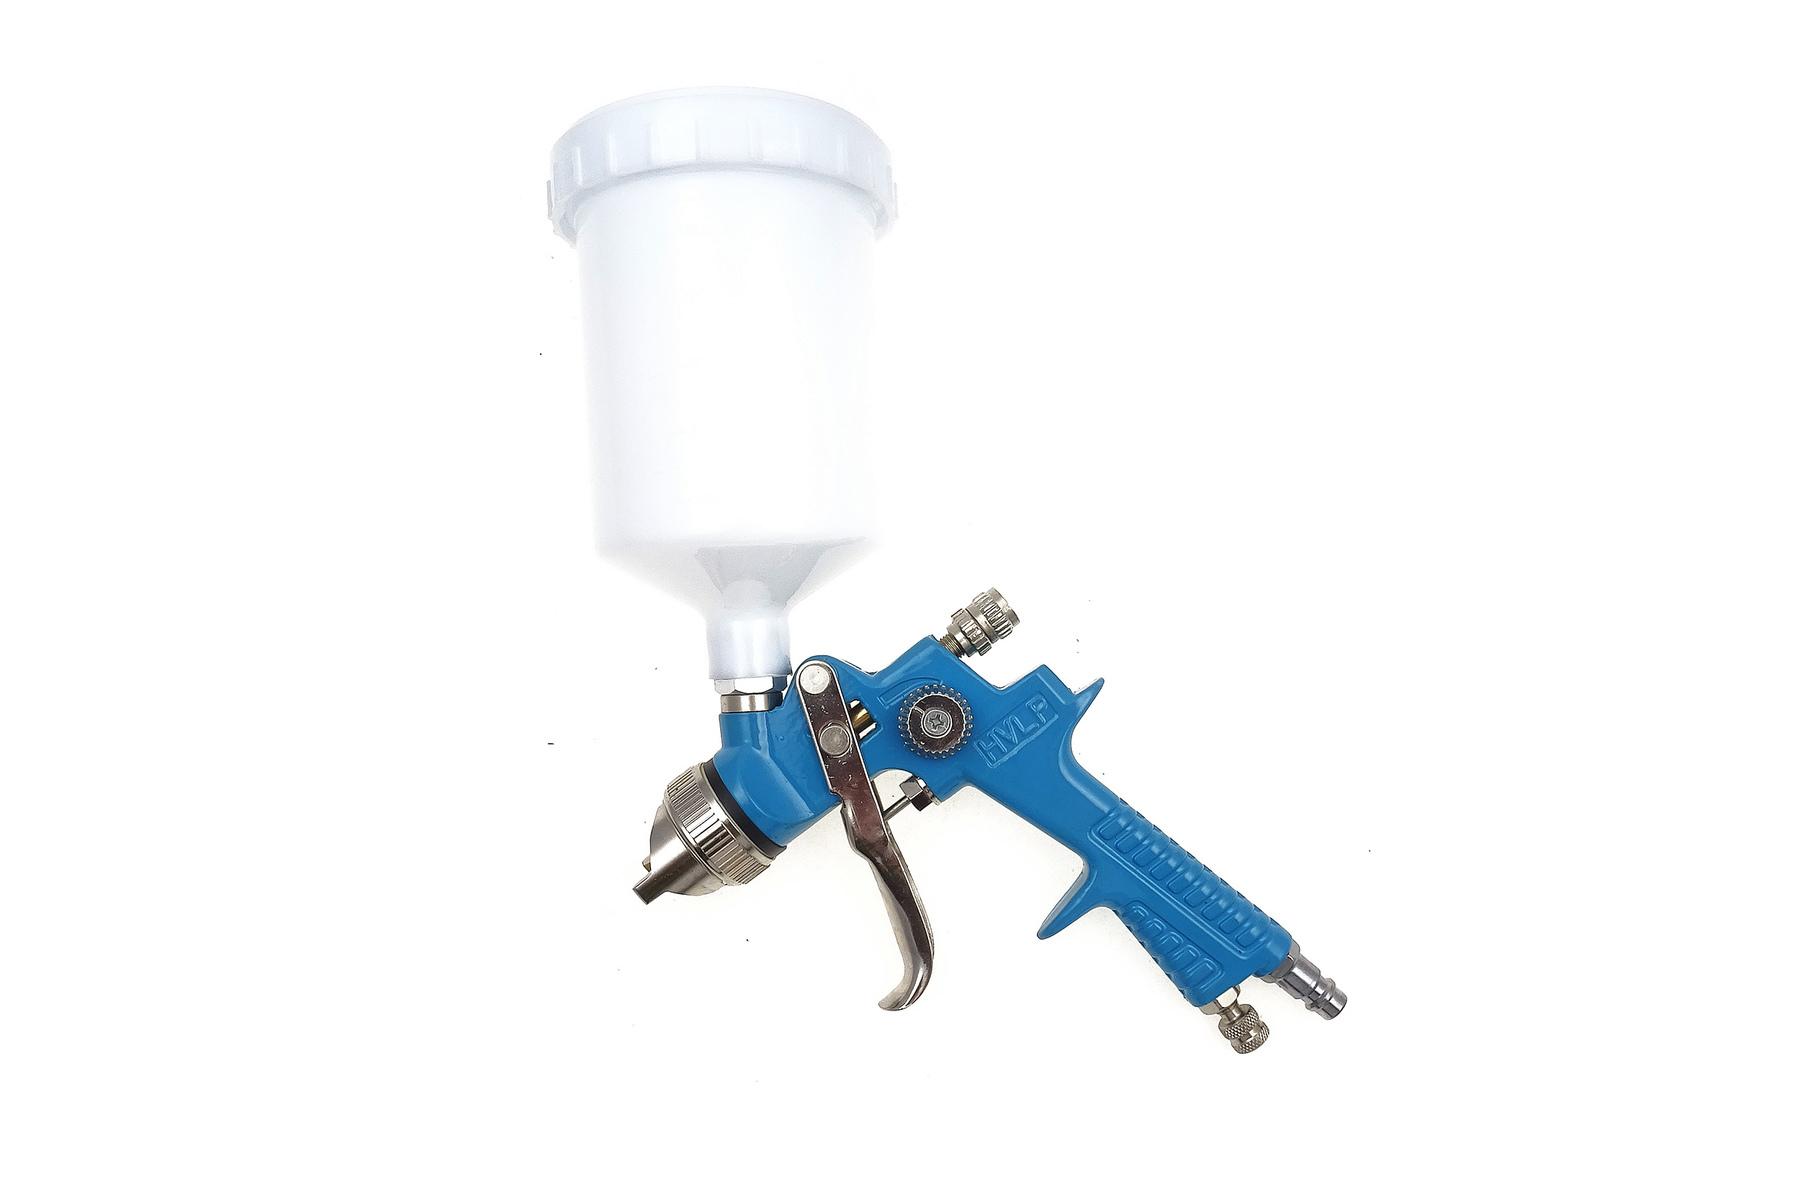 Stříkací pistole Profi HVLP, tryska 1.4 mm, 600 ml, s rychlospojkou